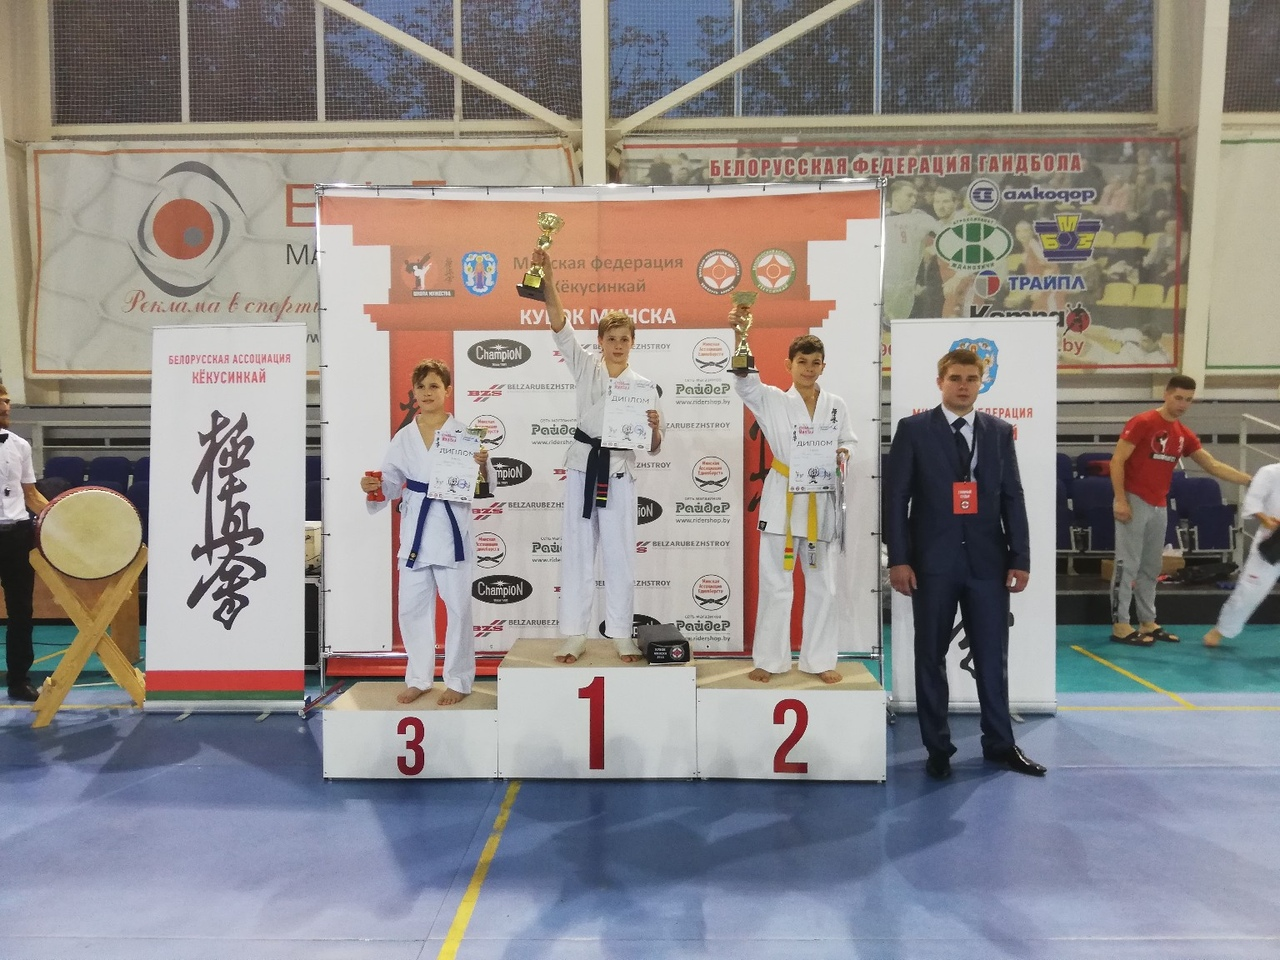 Никита Голик занял 1-е место и завоевал Кубок Минска.